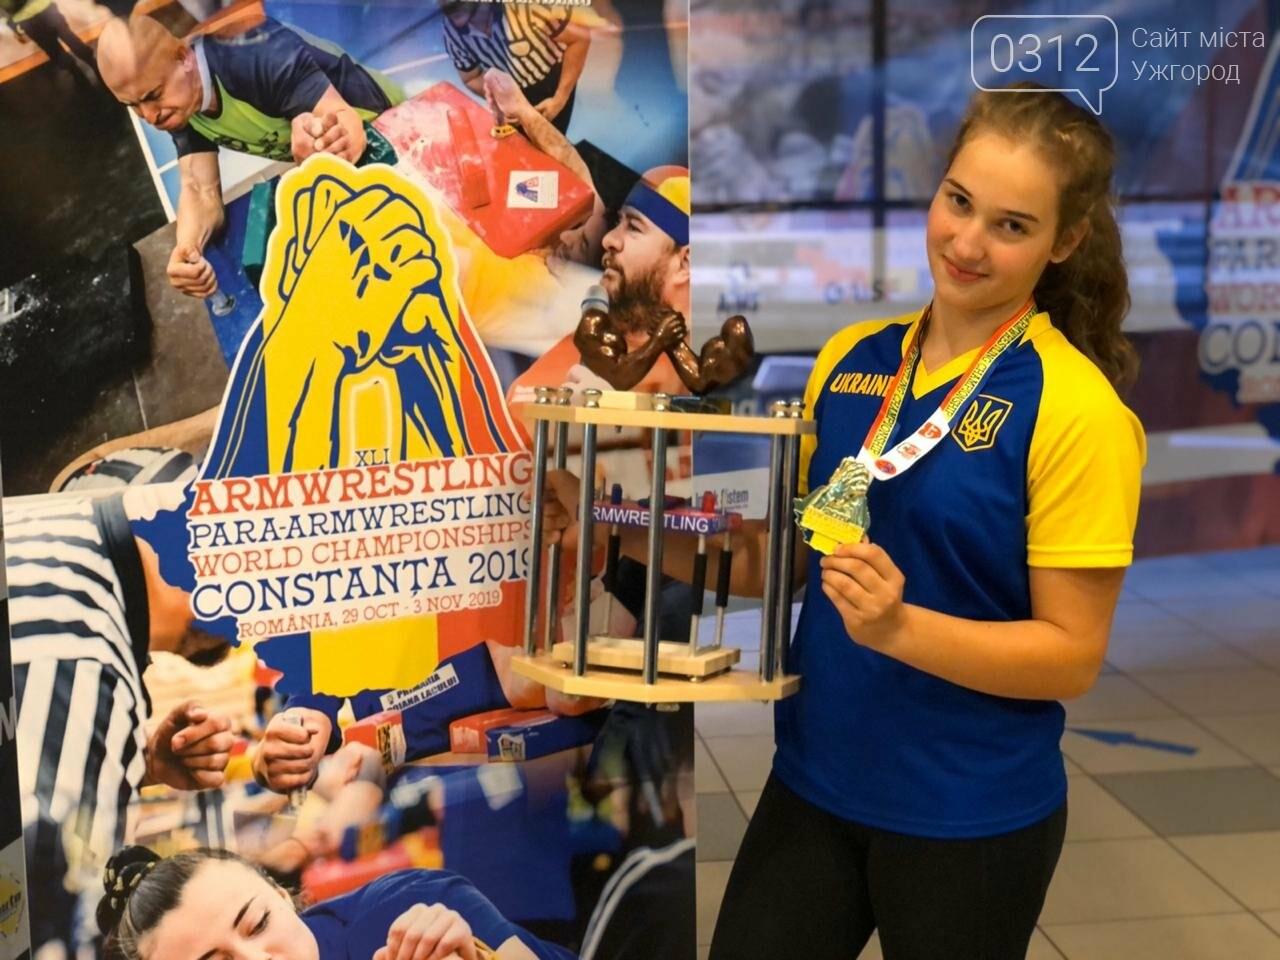 14-річна закарпатка стала Чемпіонкою світу з армрестлінгу (ФОТО) , фото-4